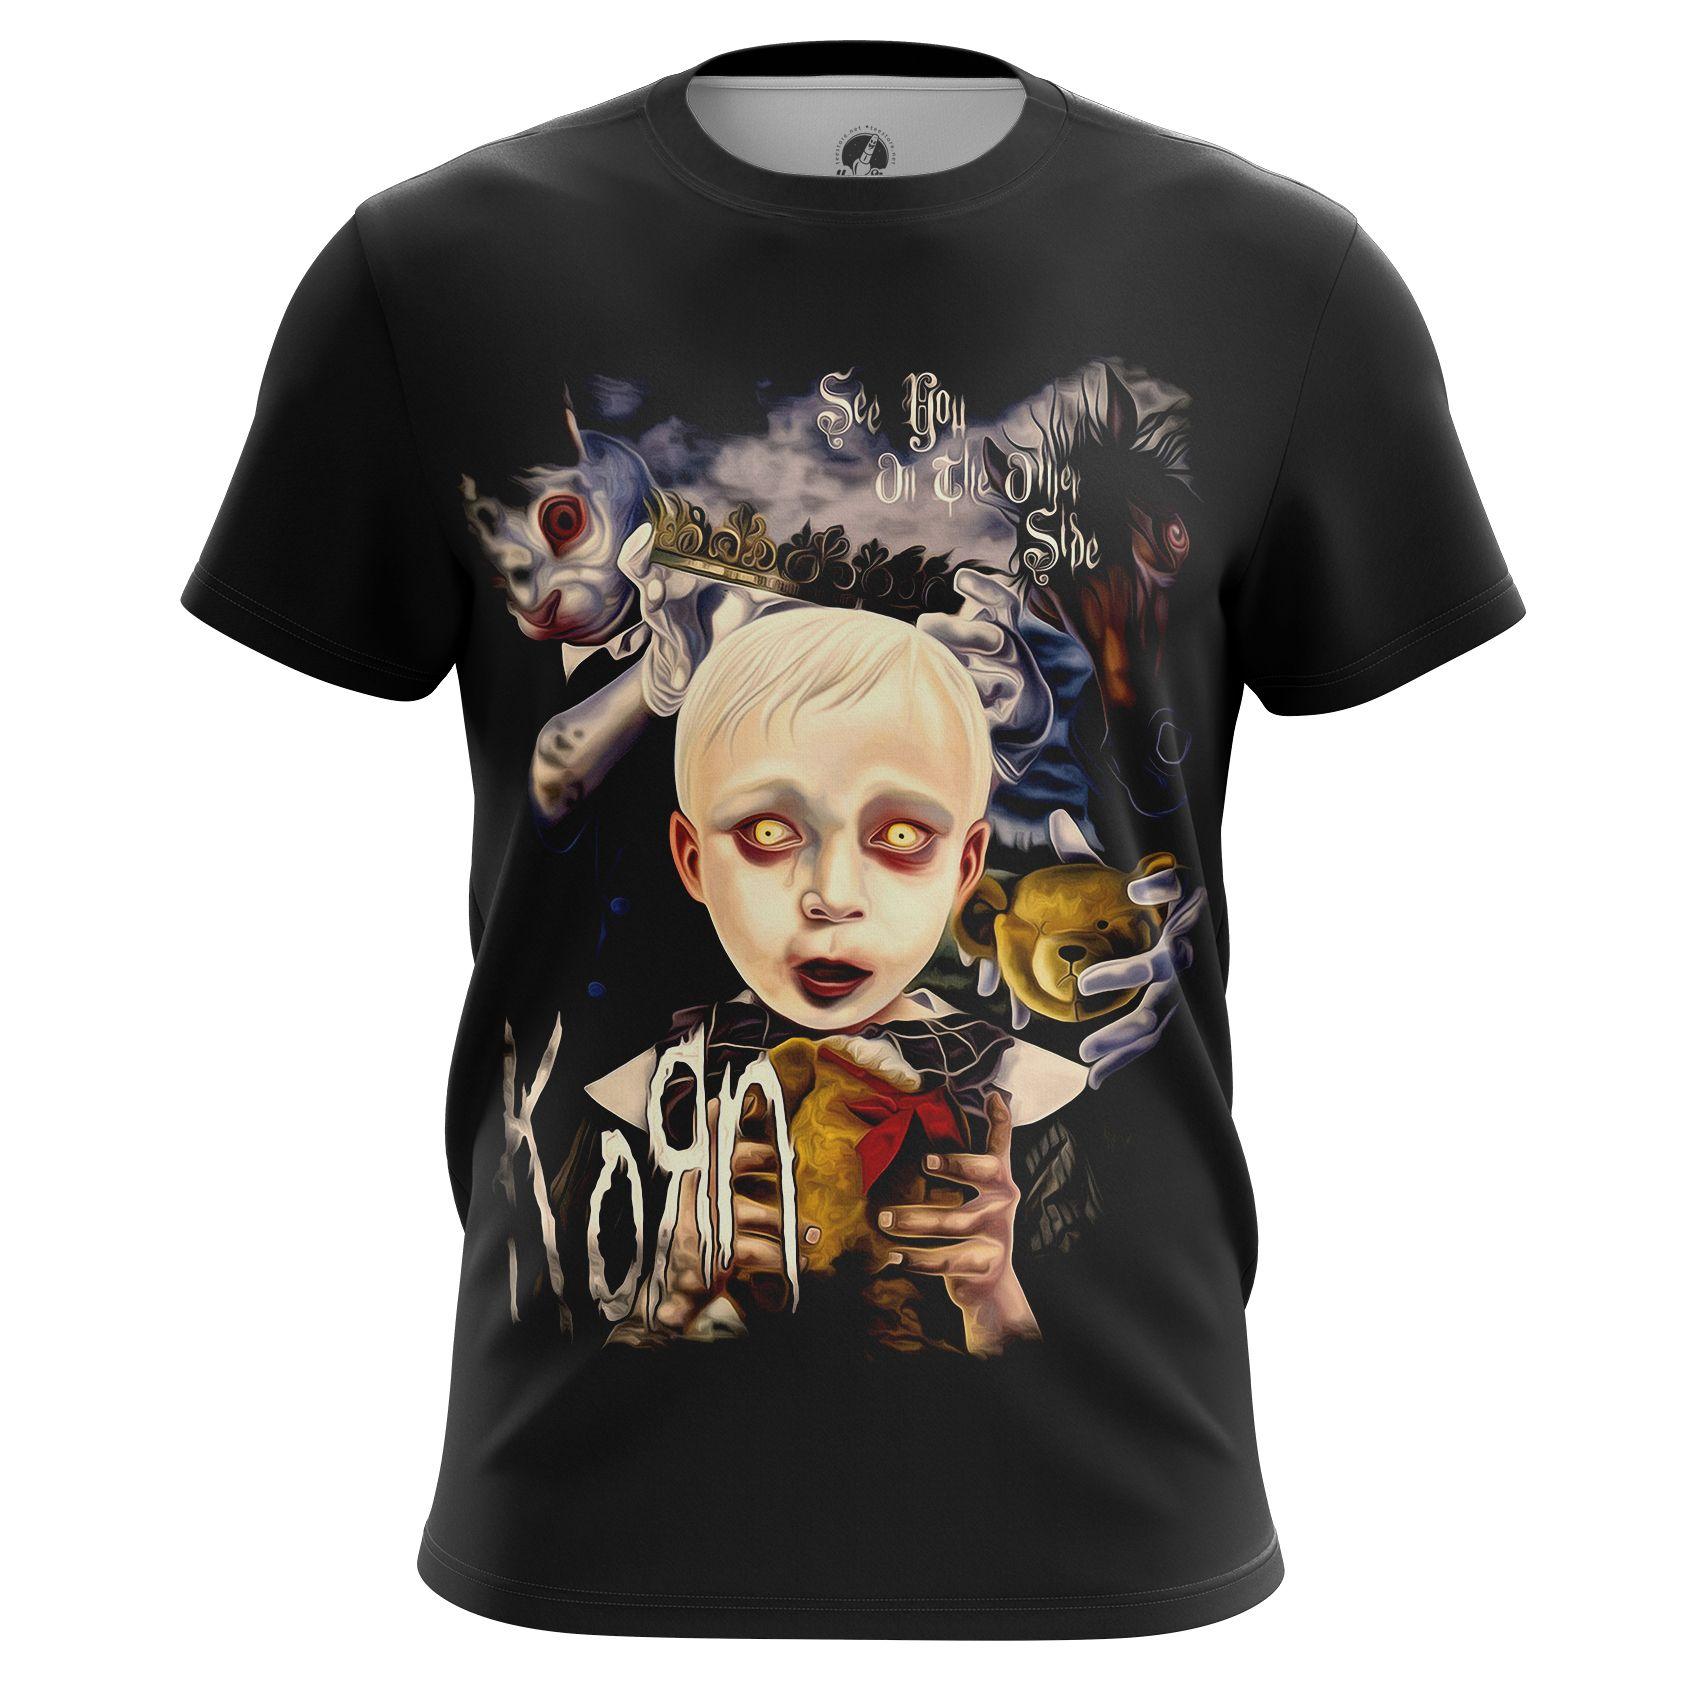 SLIPKNOT BAND BLACK t-shirt clothing boy girl kids children shirt slipknot logo